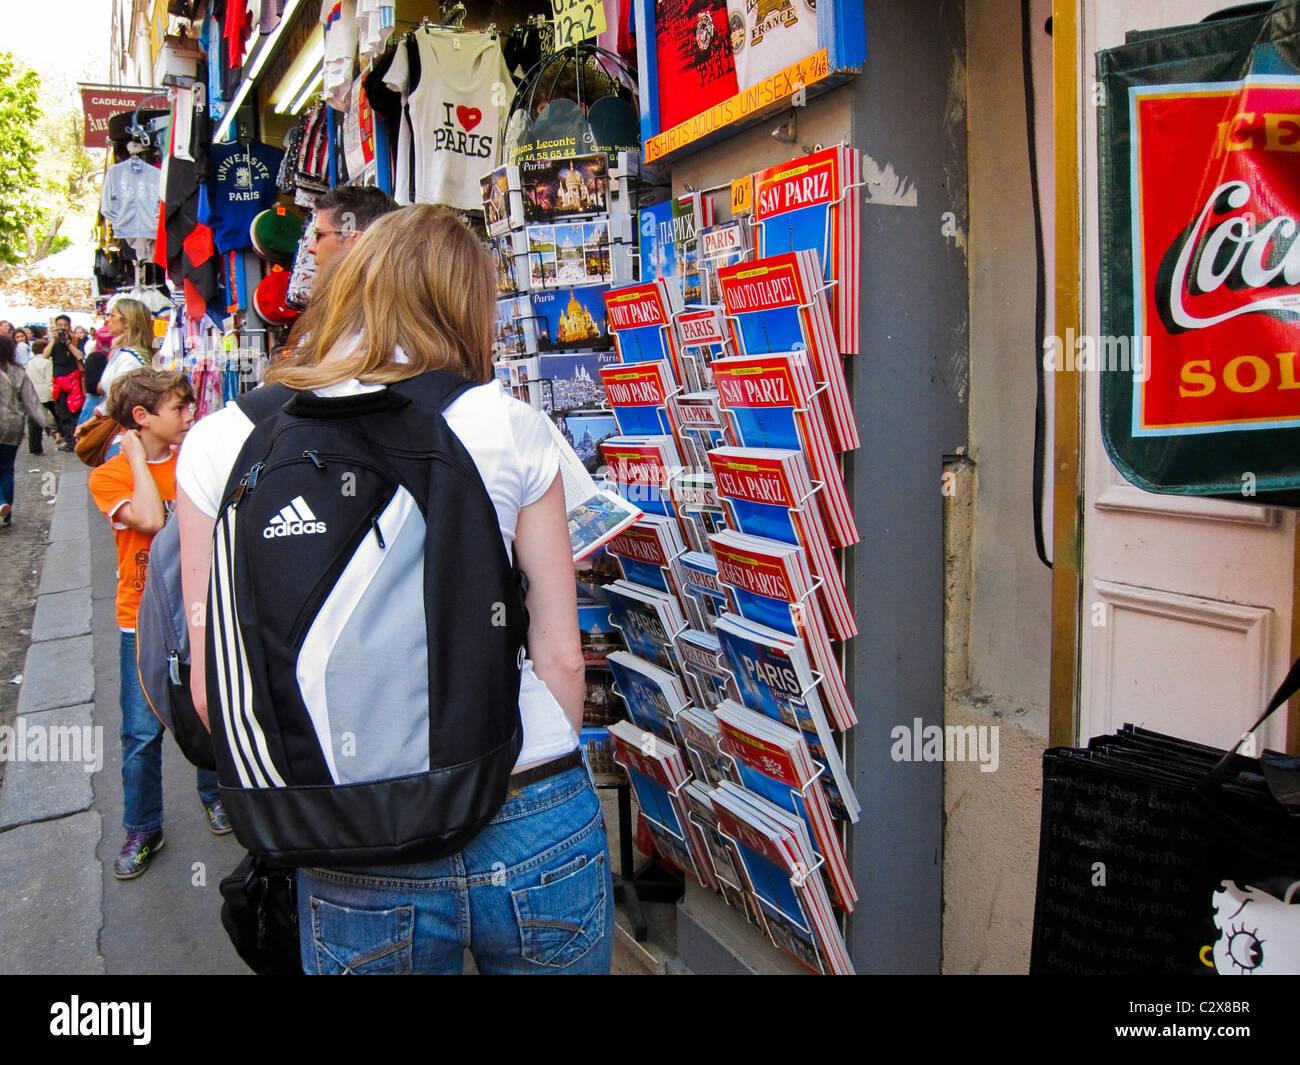 Paris, France, les touristes de shopping dans les boutiques touristiques dans quartier de Montmartre Banque D'Images